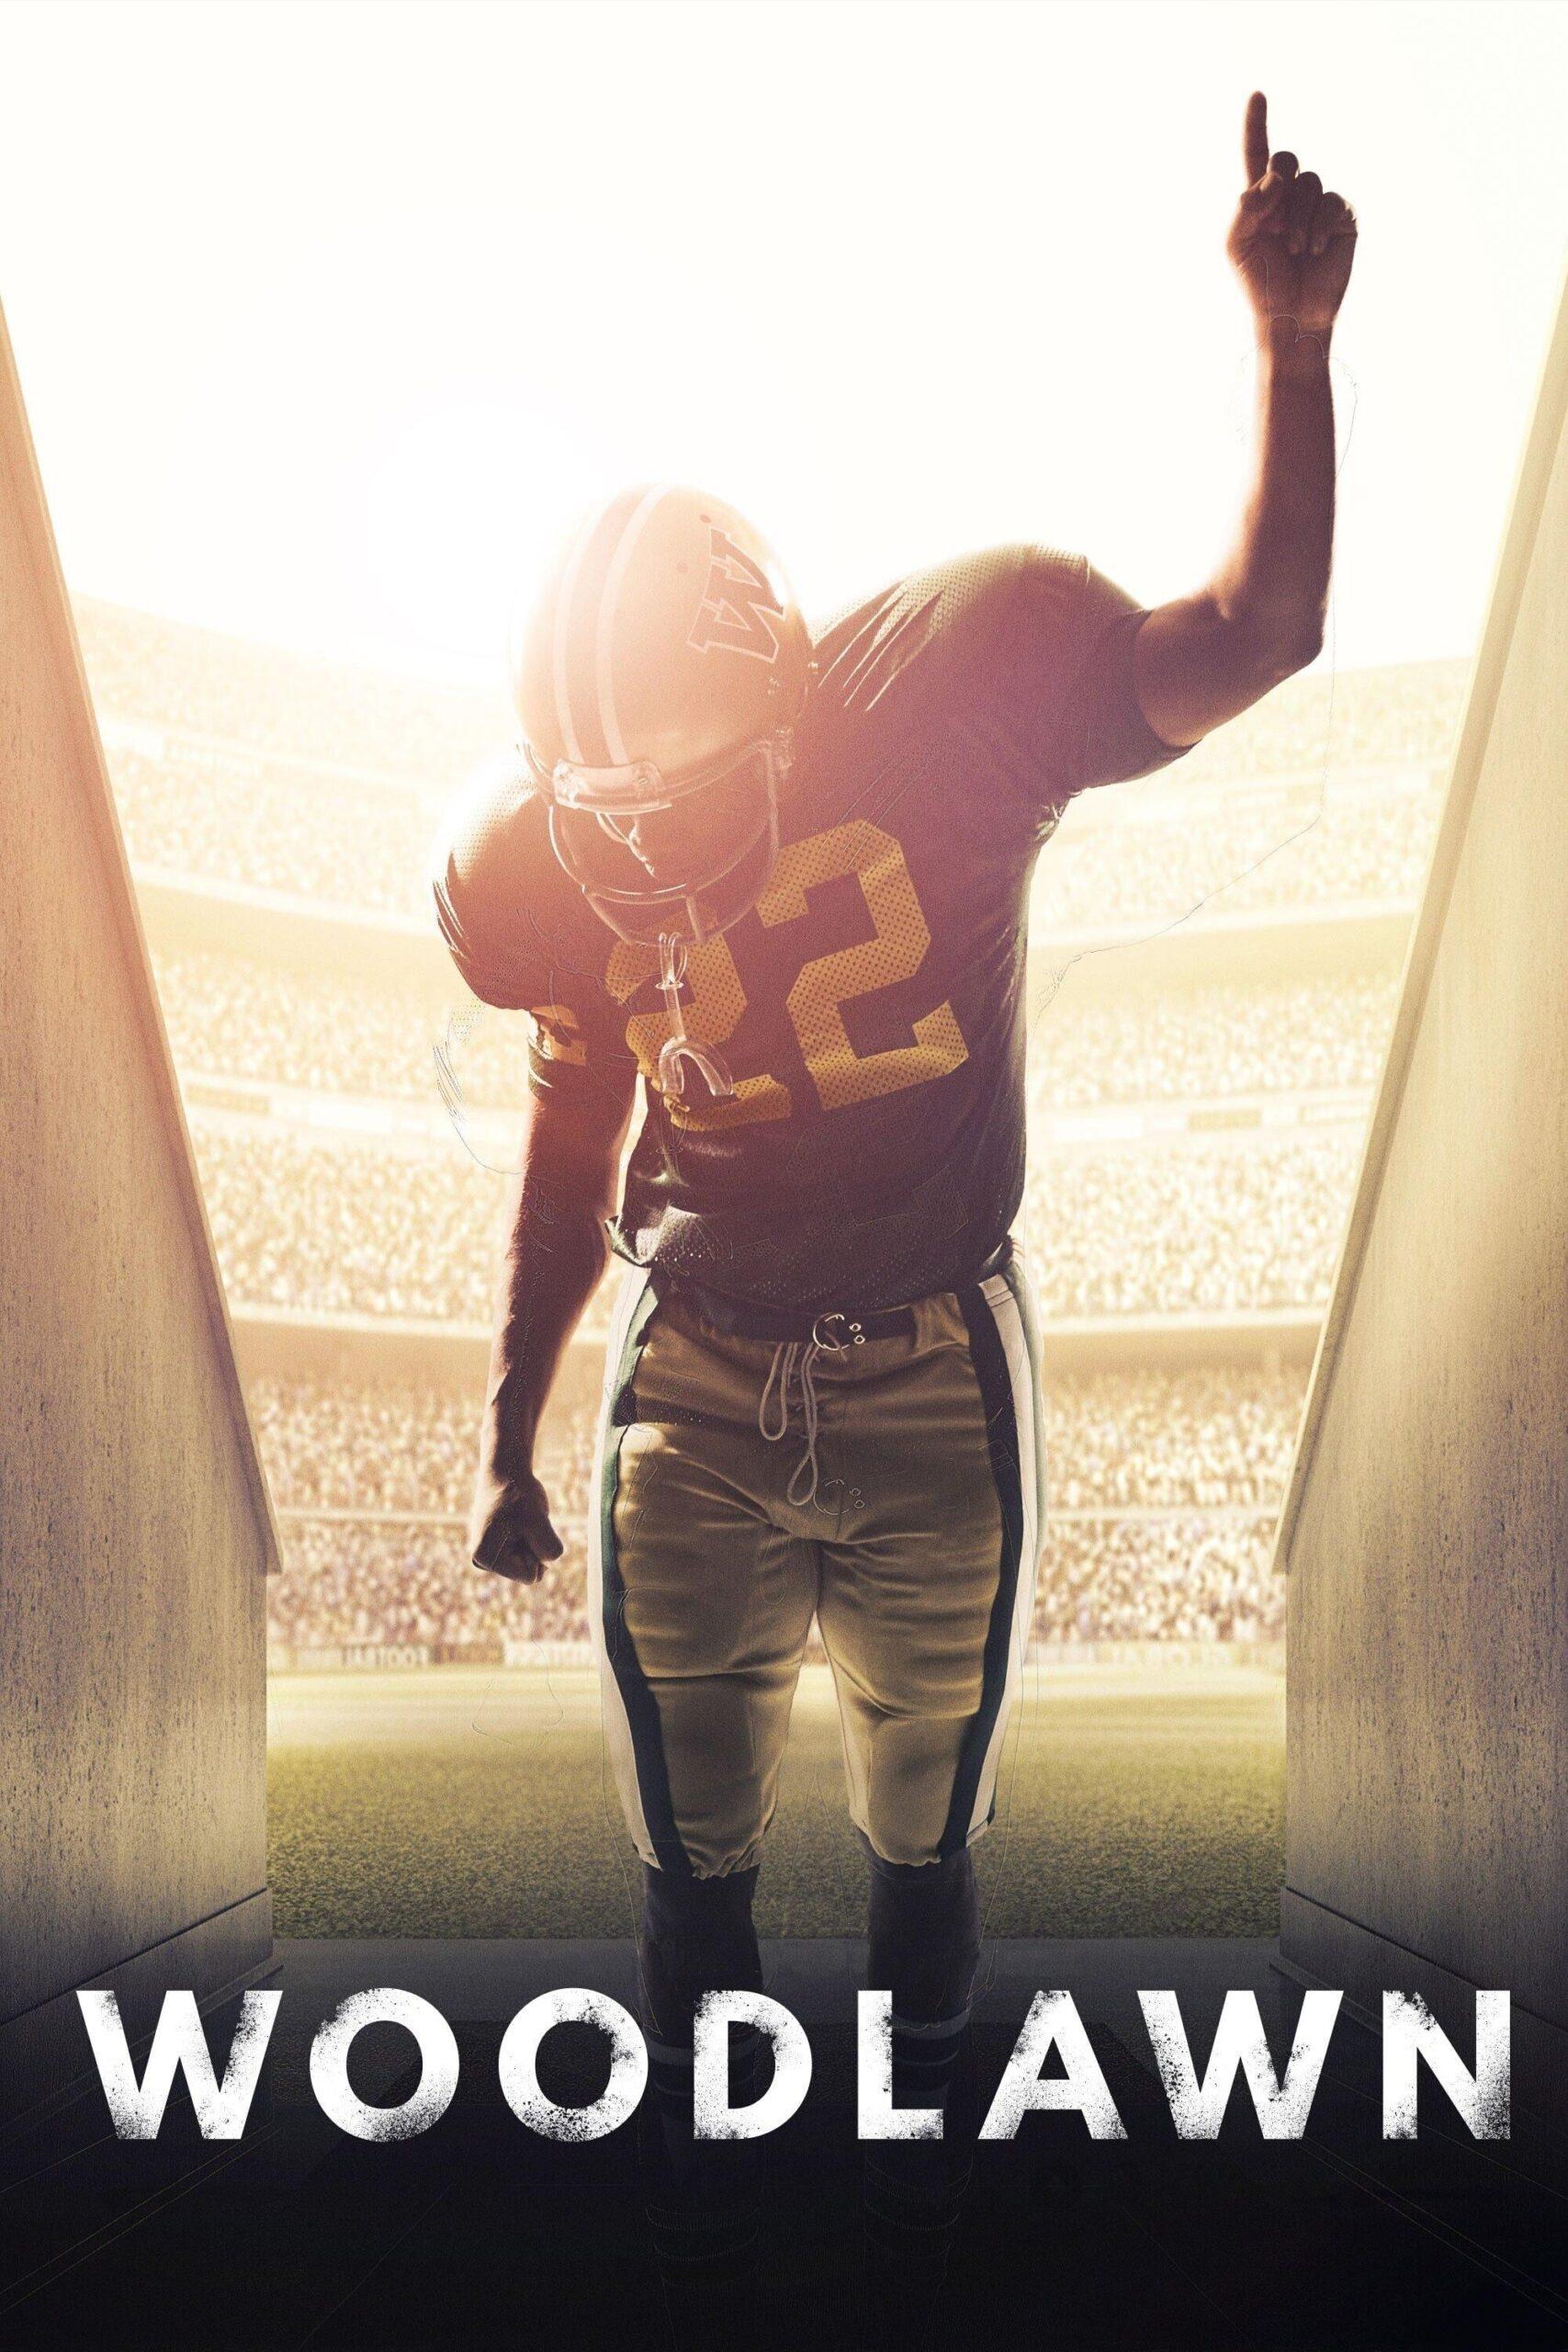 imagem capa do filme Talento e Fé - jogador no campo com camisa número 22 apontando o dedo indicar para o céu